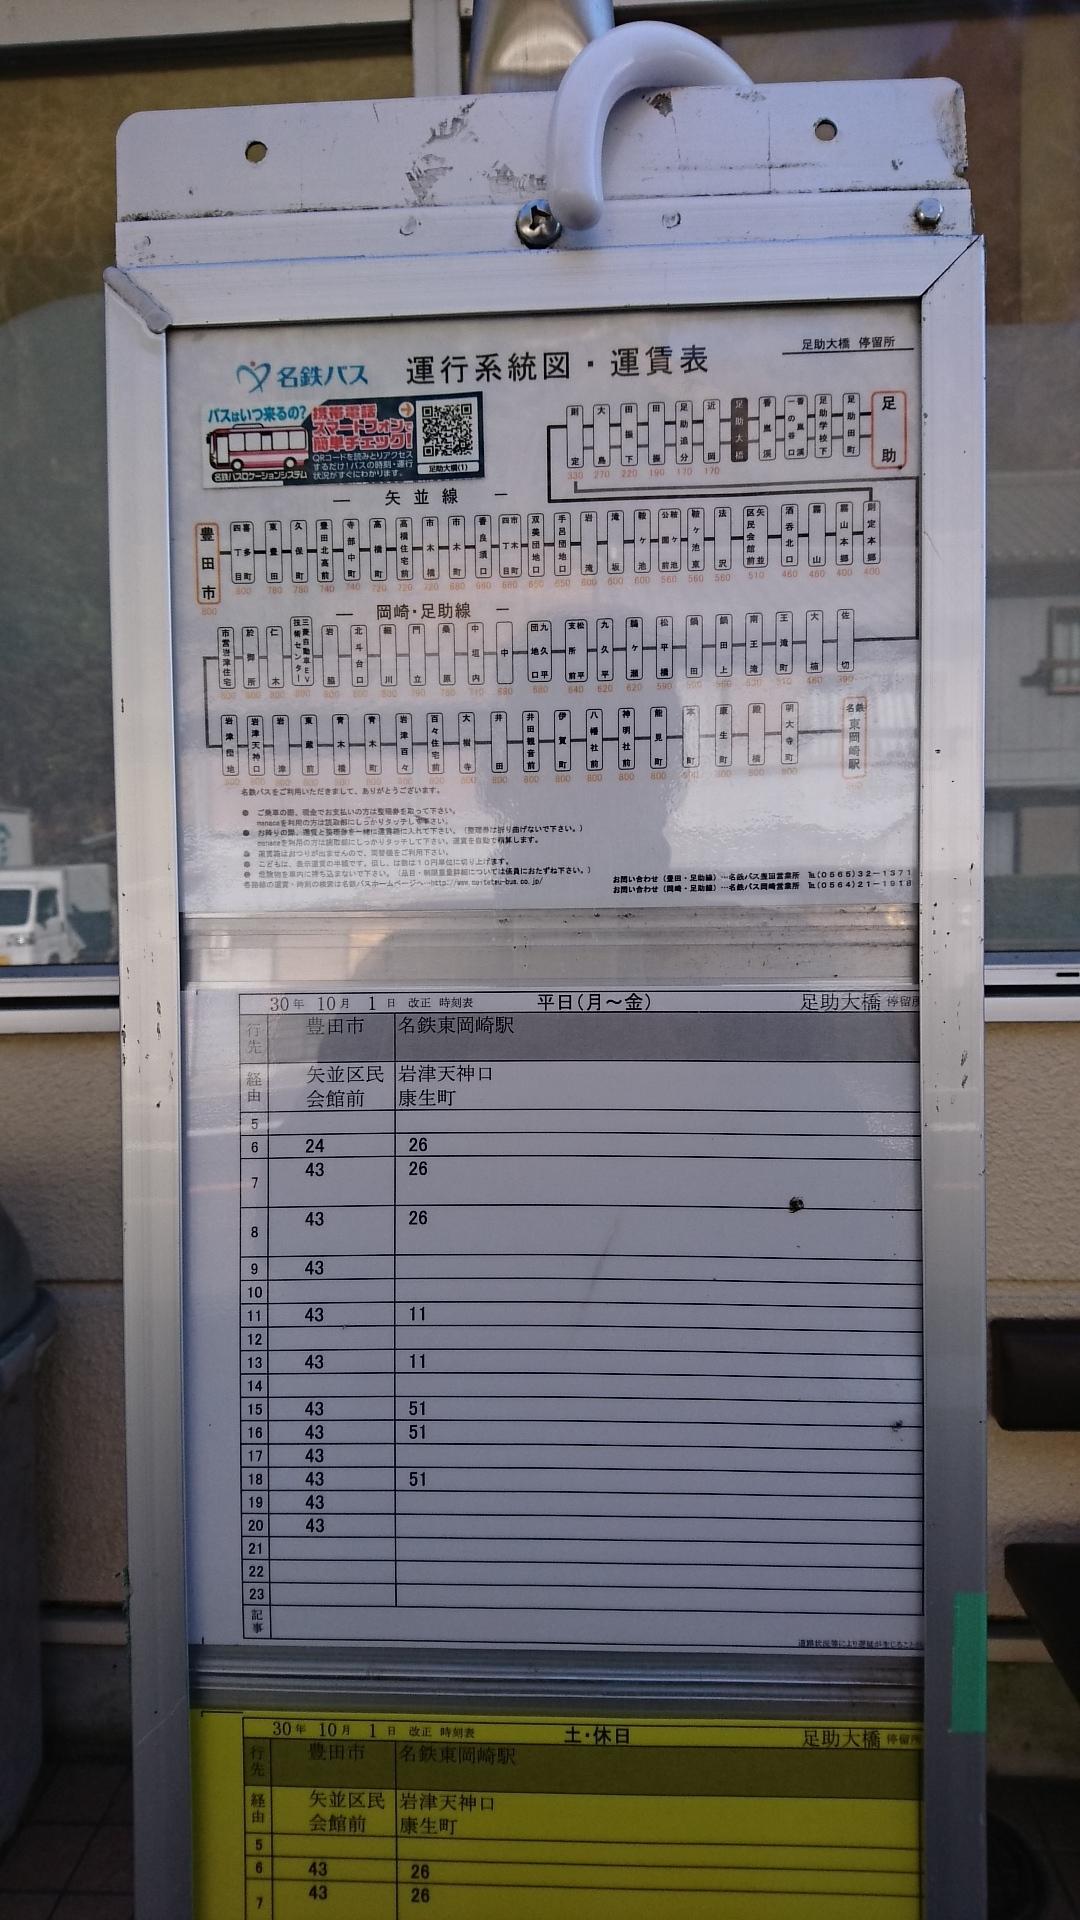 2019.1.11 (79い) 足助大橋バス停 - 時刻表【平日】 1080-1920